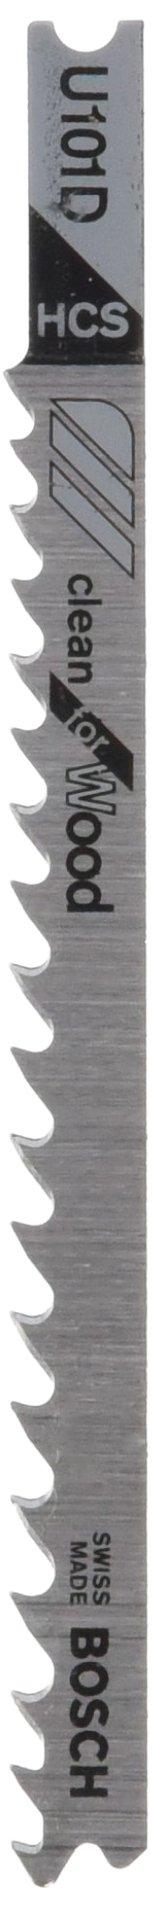 Bosch U101D 5-Piece 4 In. 6 TPI Clean for Wood U-shank Jig Saw Blades